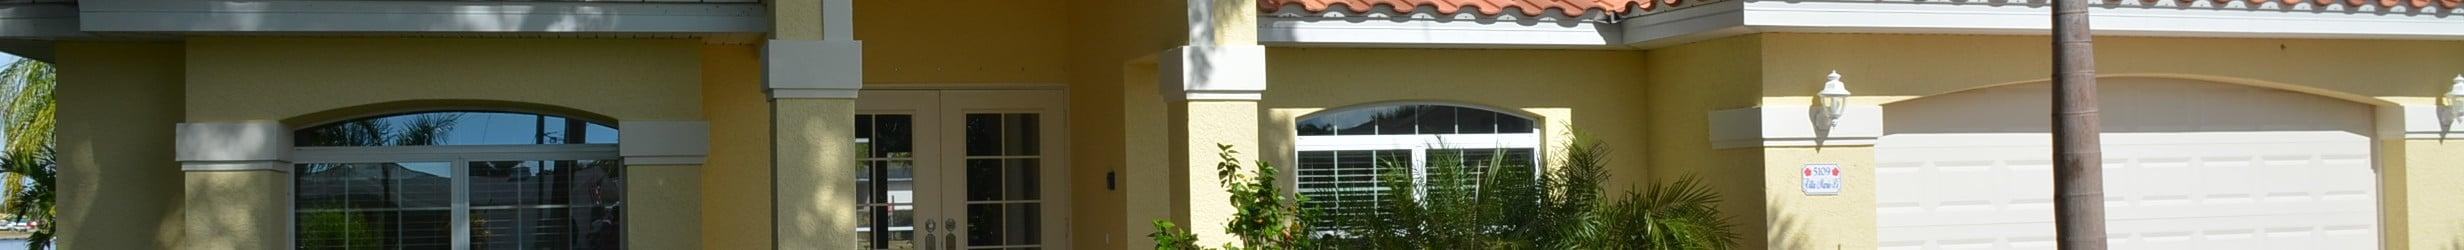 Villa meubl e en floride pour location saisonni re blog for Acheter maison en floride